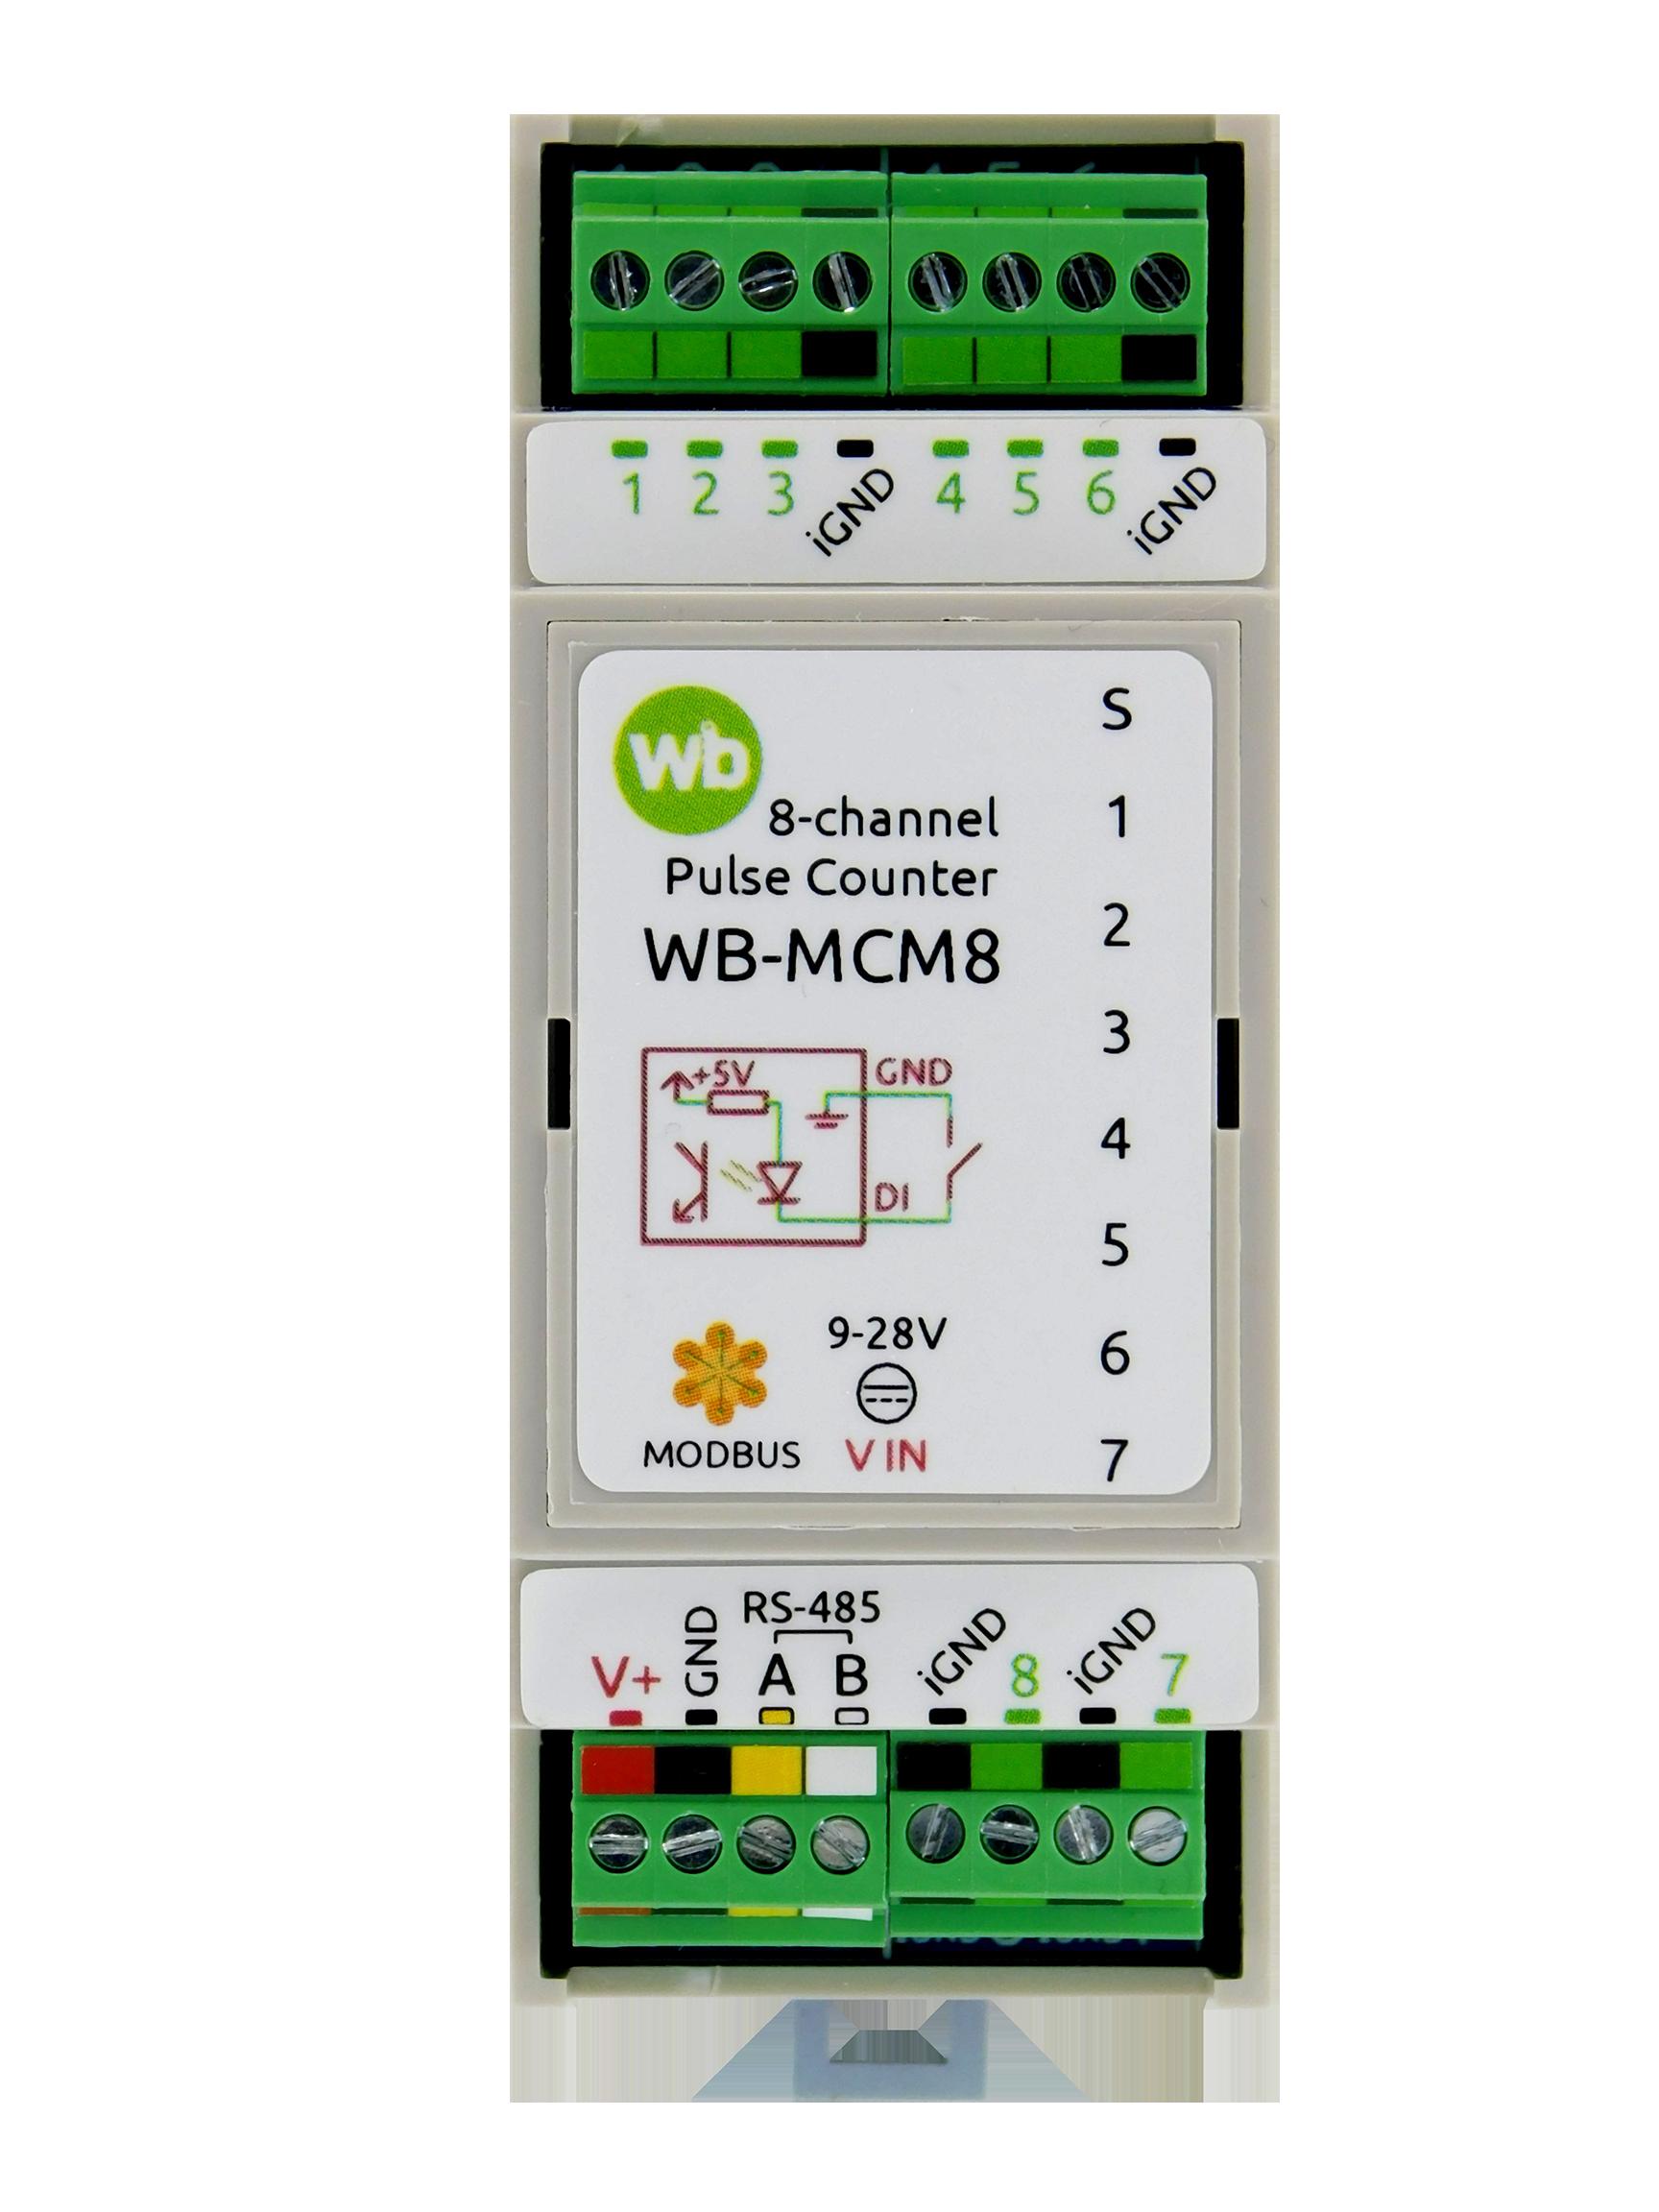 WB-MCM8